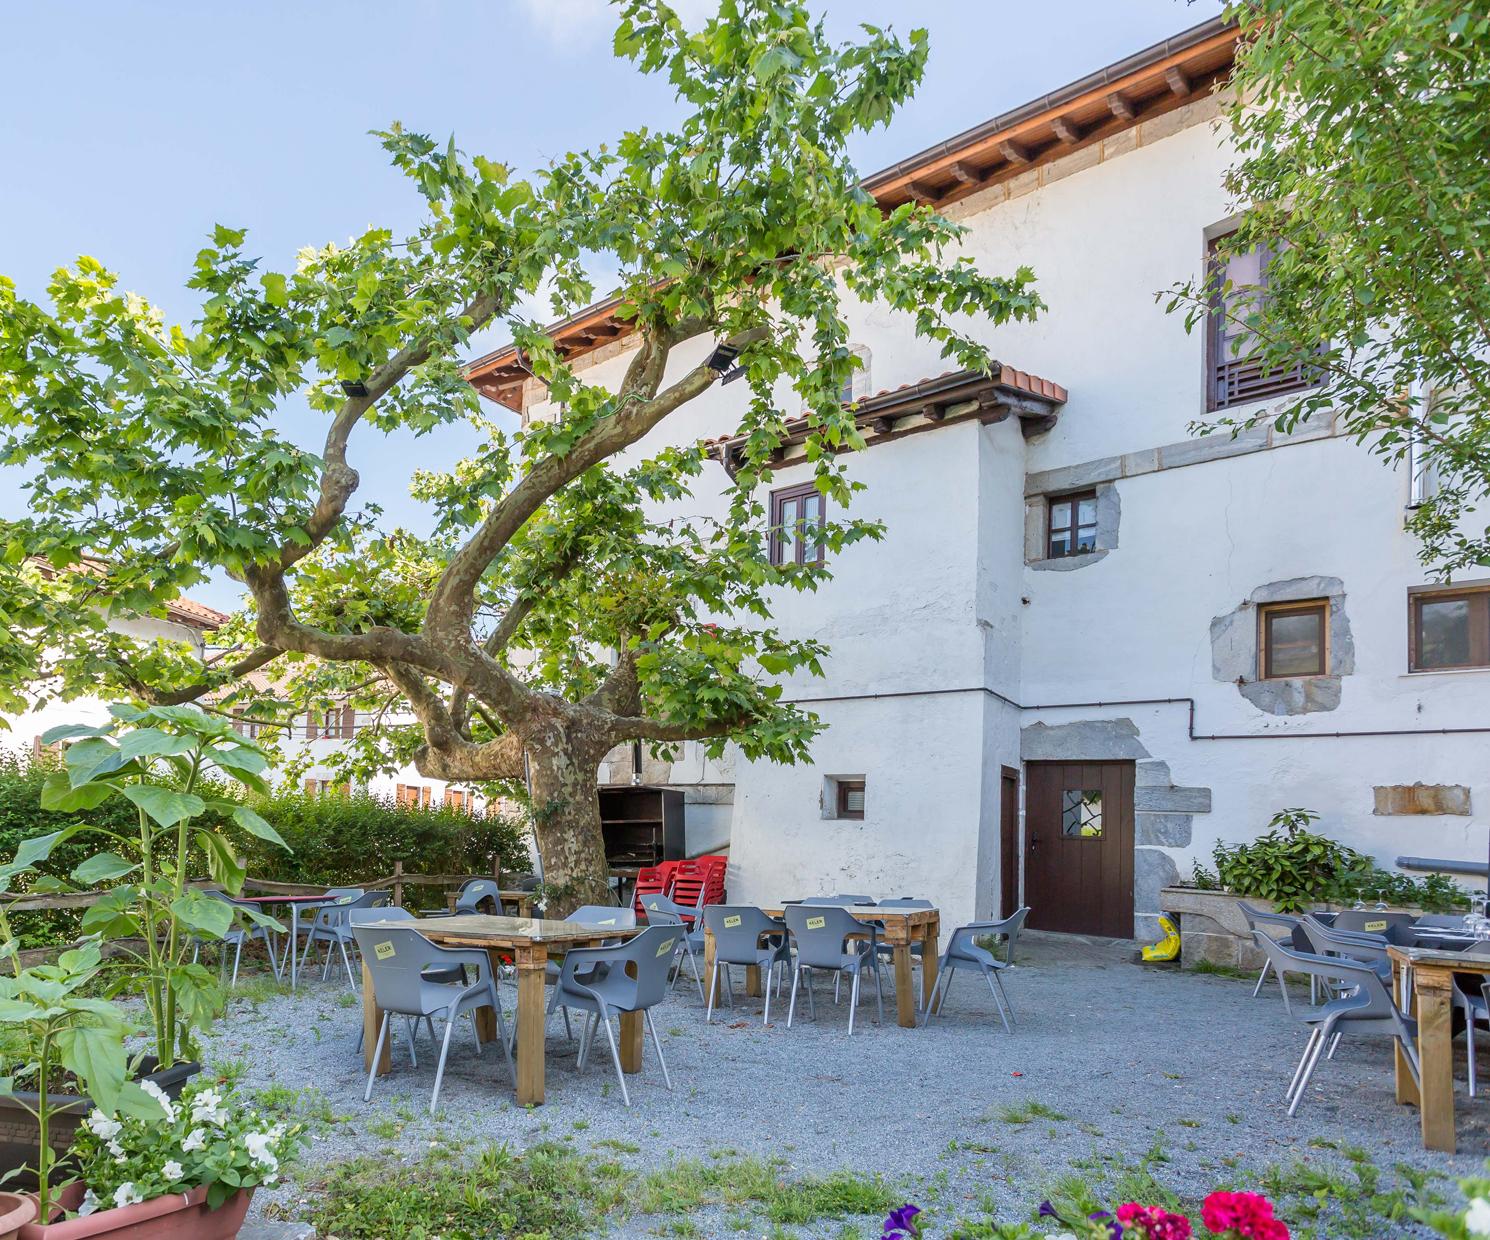 Terraza de nuestro restaurante en Navarra